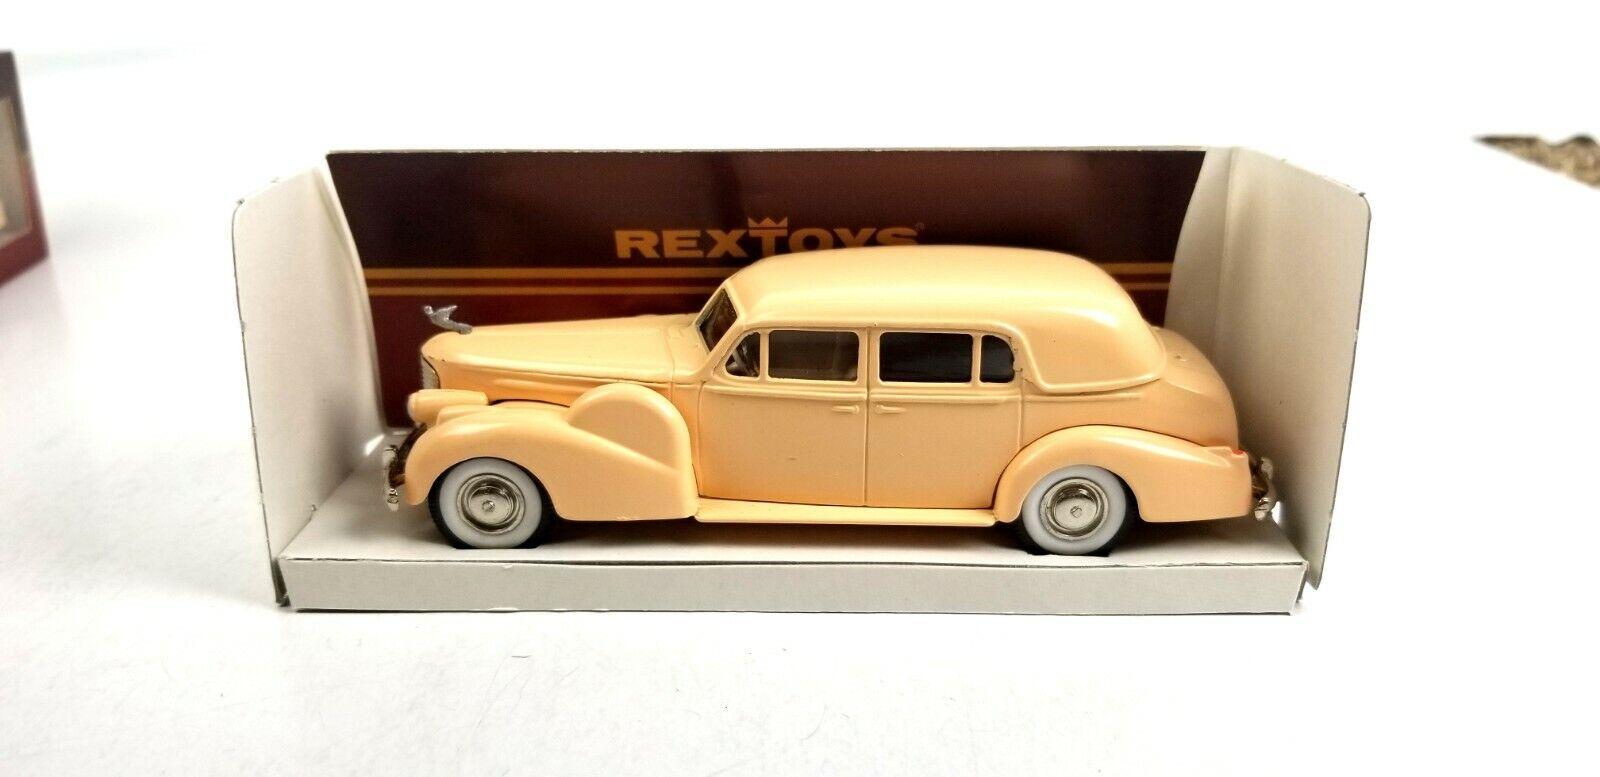 diseño único RexJuguetes RexJuguetes RexJuguetes 1938-40 Cadillac V16 conduite interieure 1 43 o escala Diecast Modelo de Coche  grandes precios de descuento